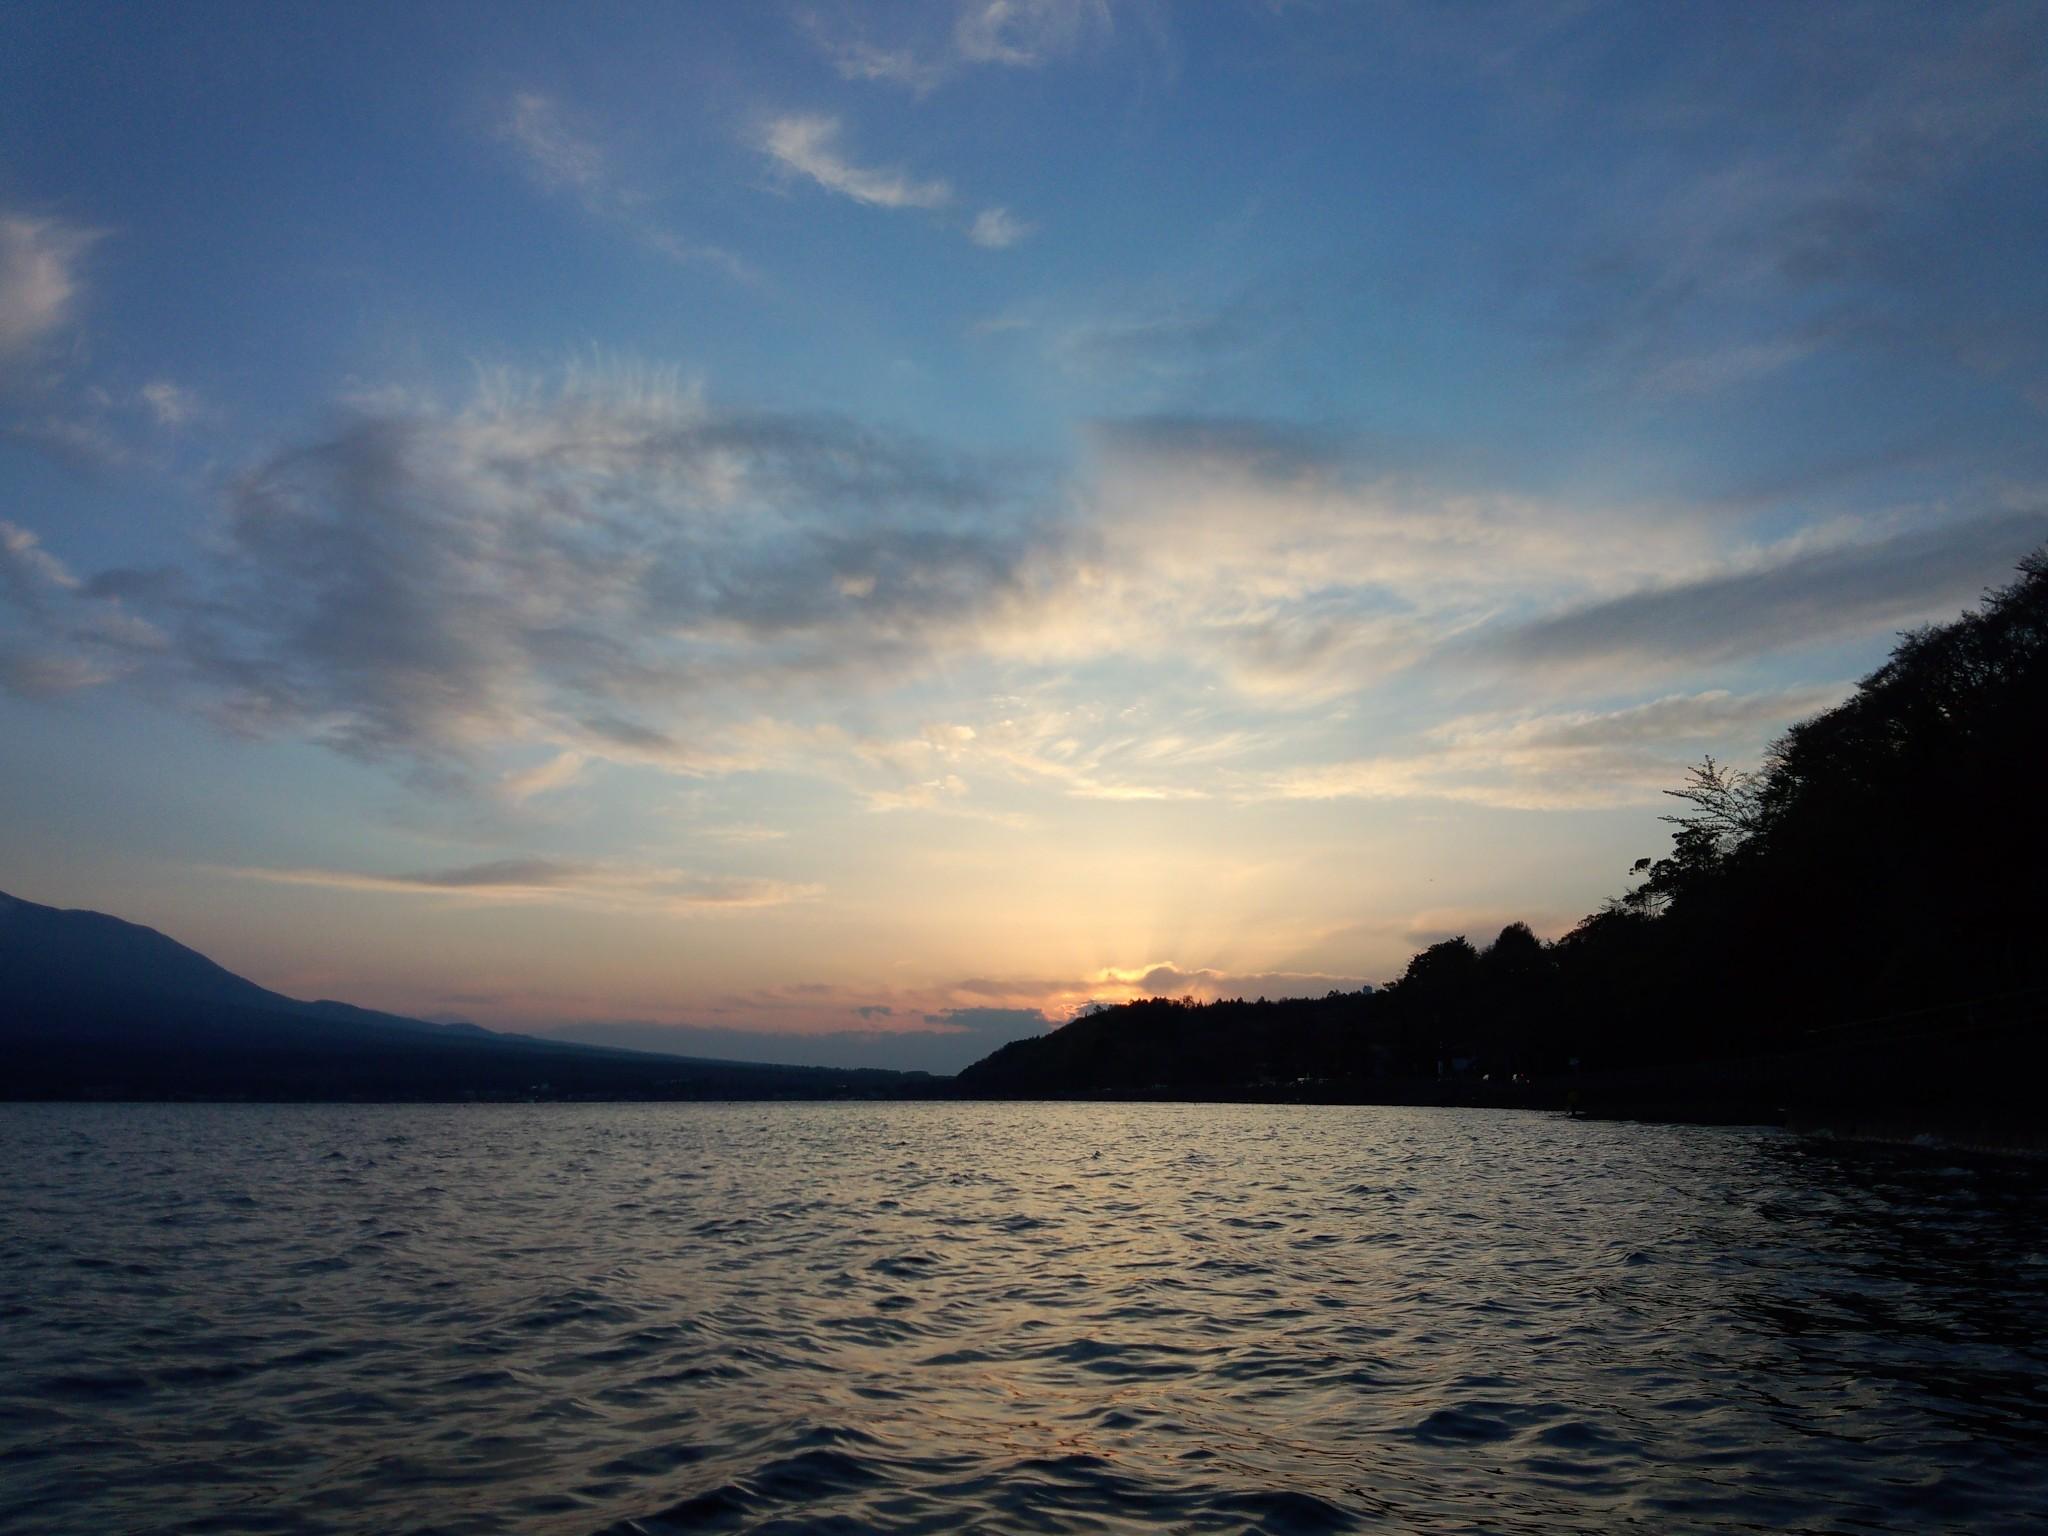 バスフィッシング 山中湖の日没